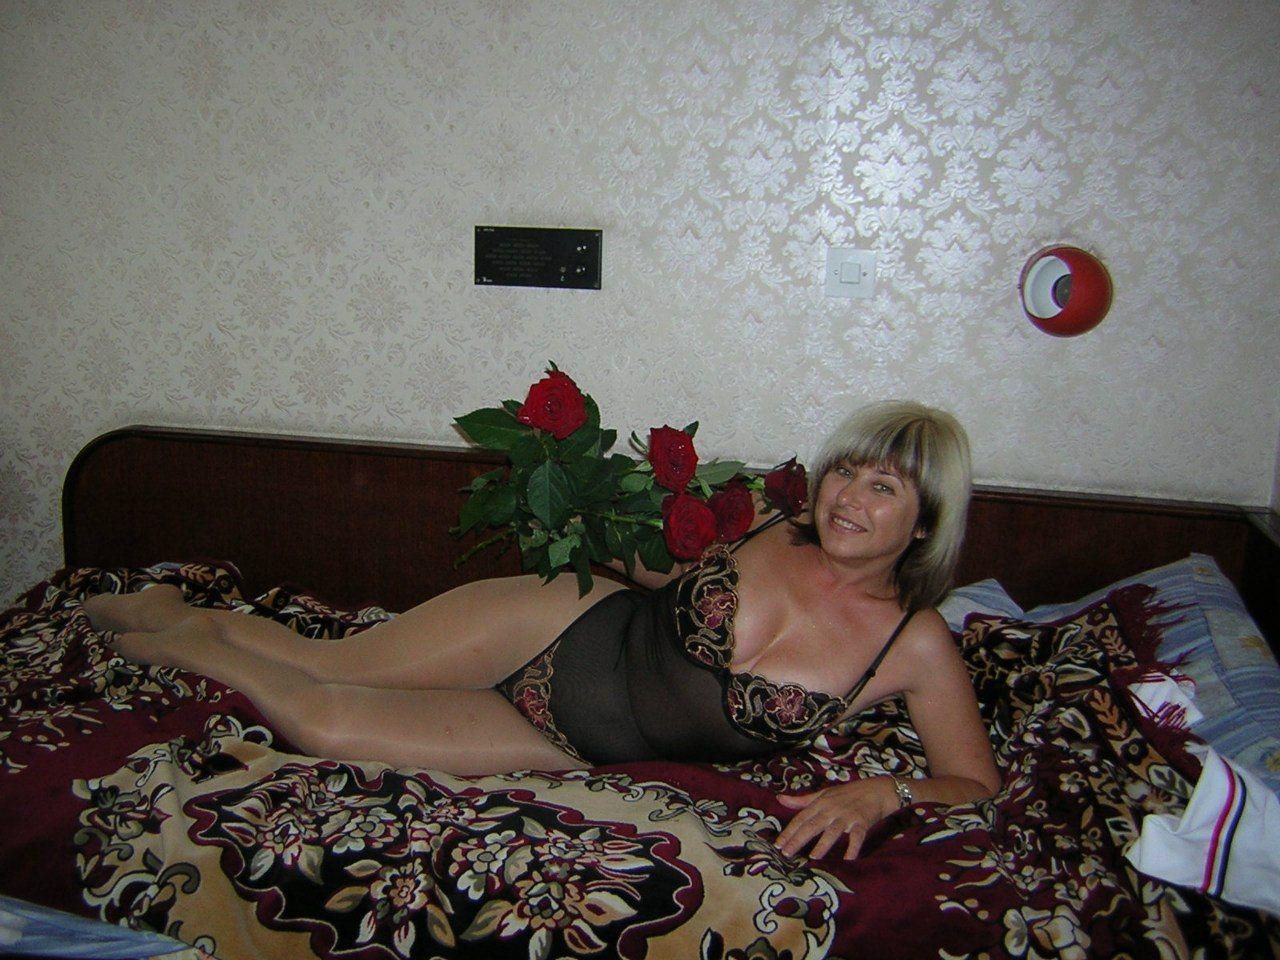 Секс луганск зрелые женщины, Проститутки Луганска, доступные индивидуалки 4 фотография